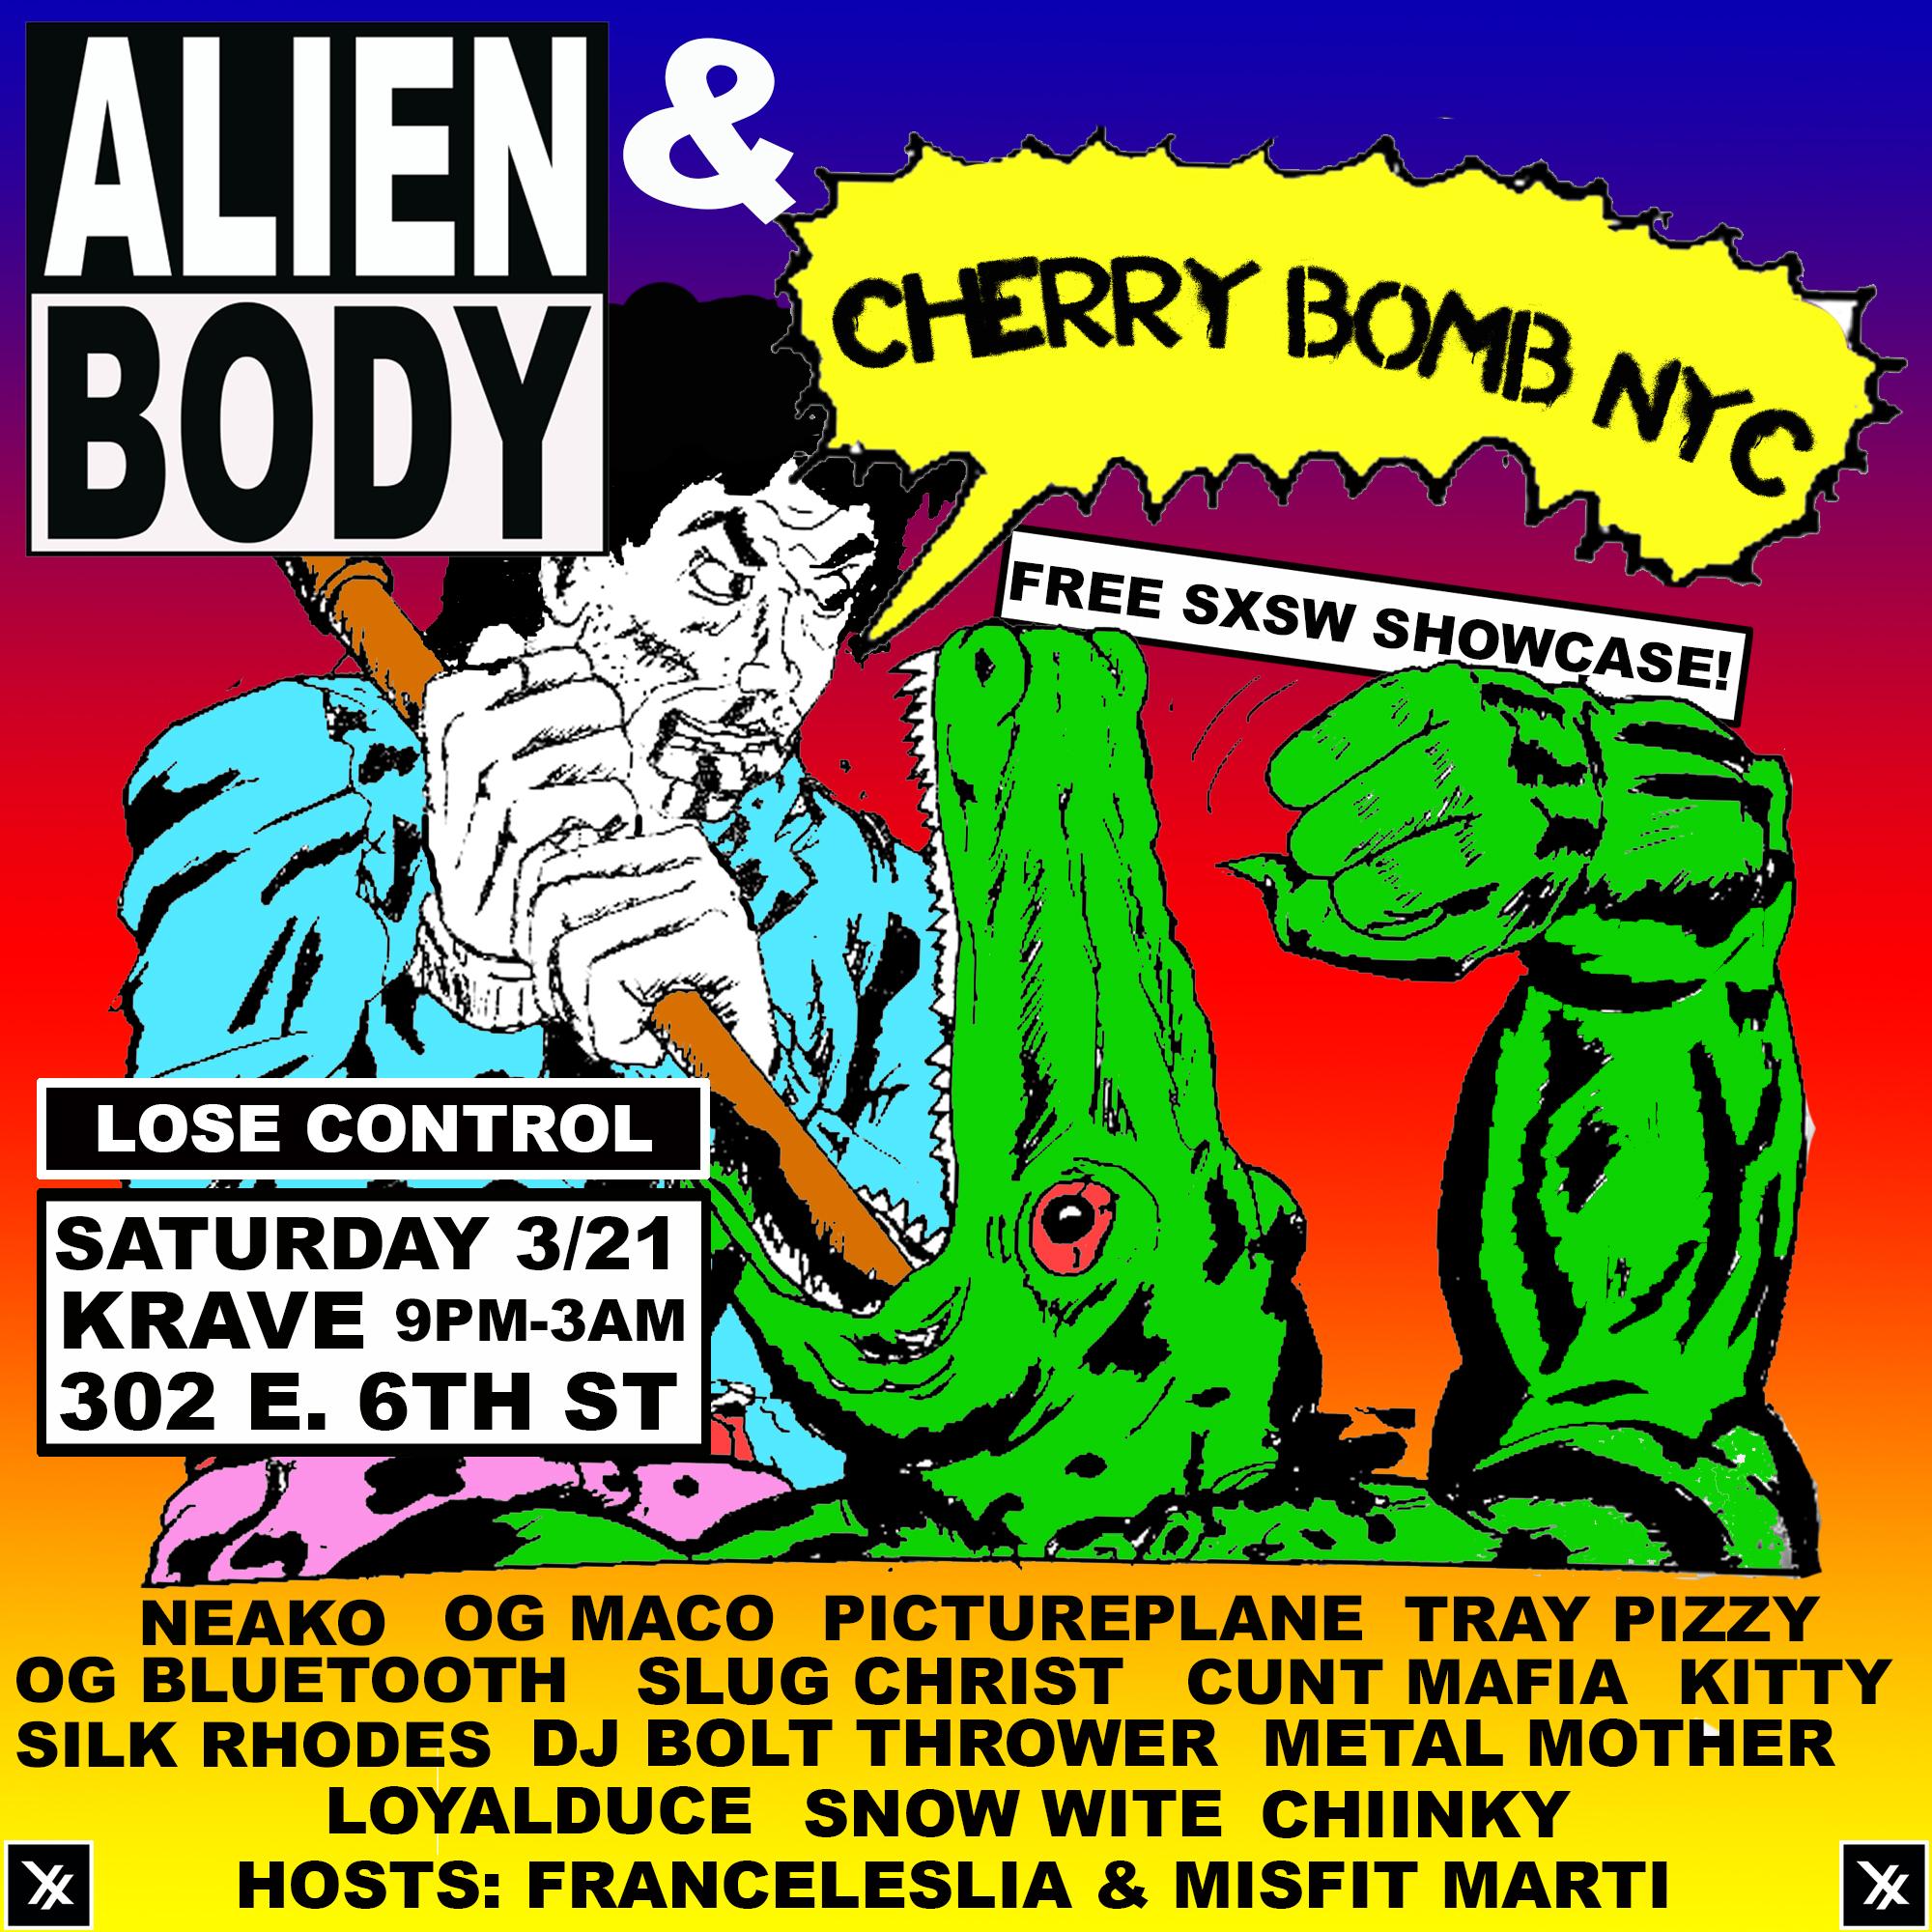 SXSW CHERRYBOMB 3.21.15